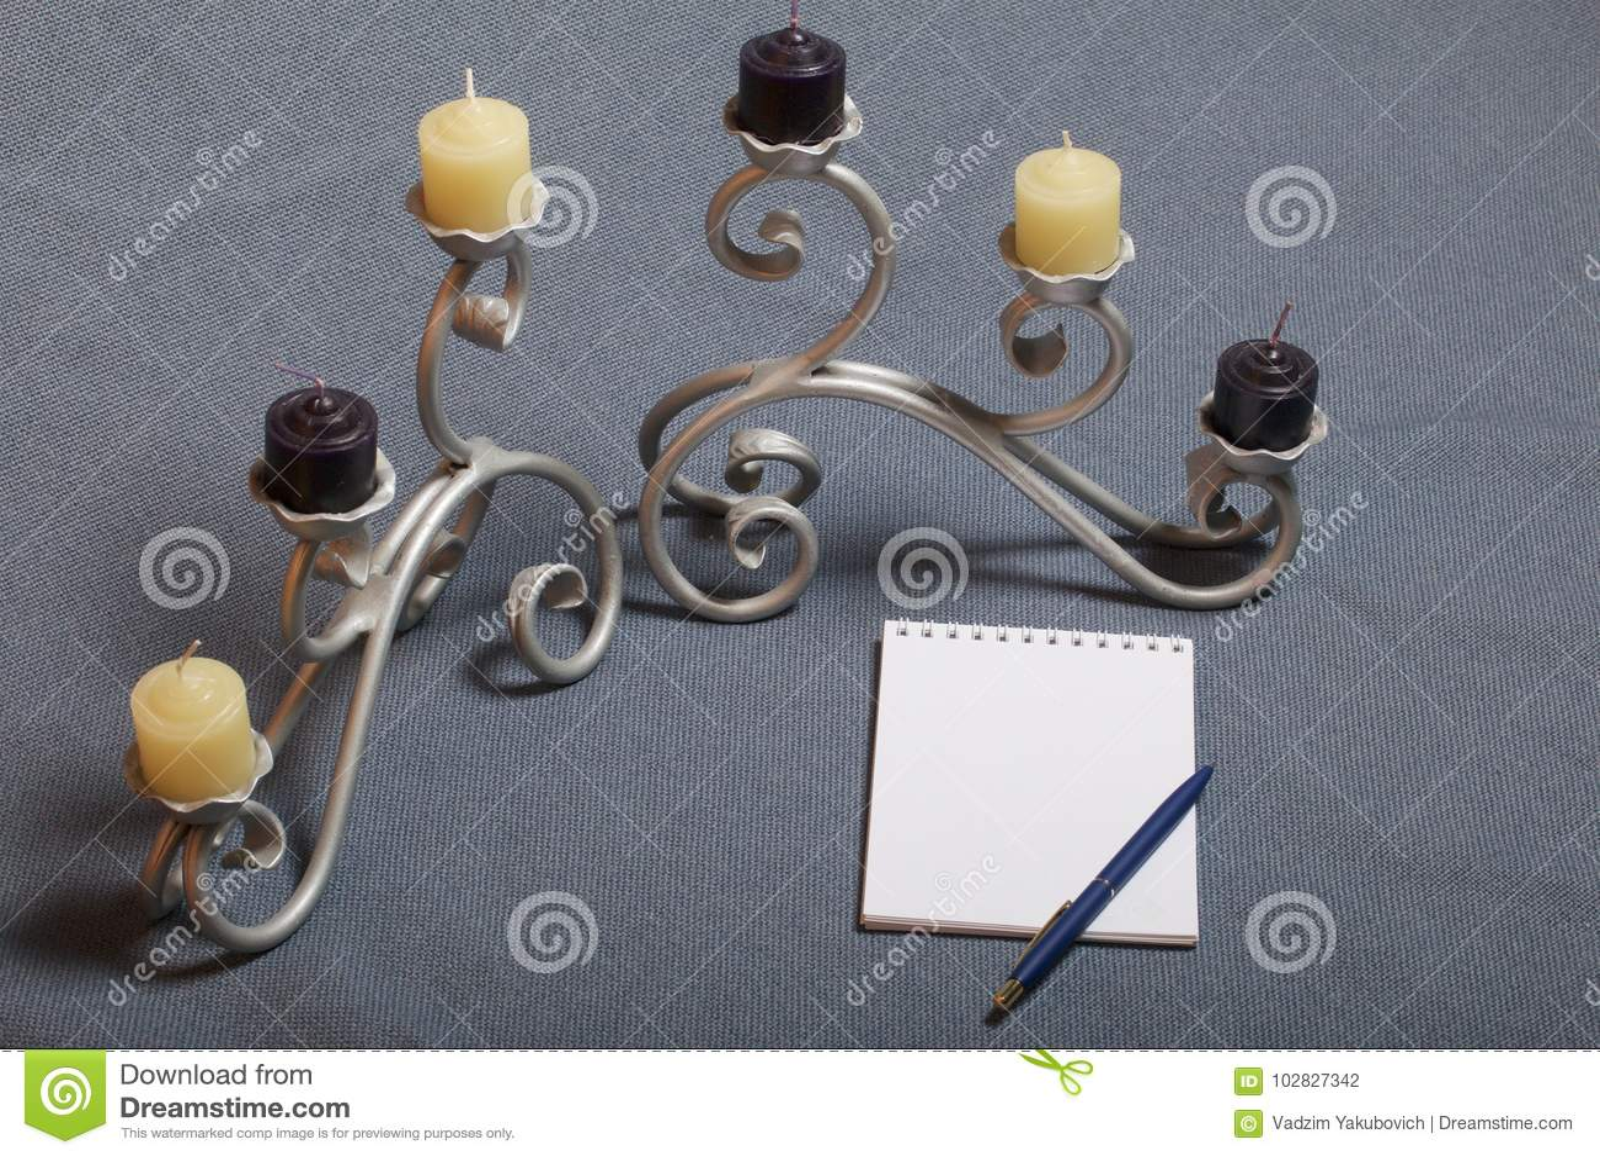 Chandelier forgé en métal avec des bougies Il y a un bloc-notes ouvert et un stylo